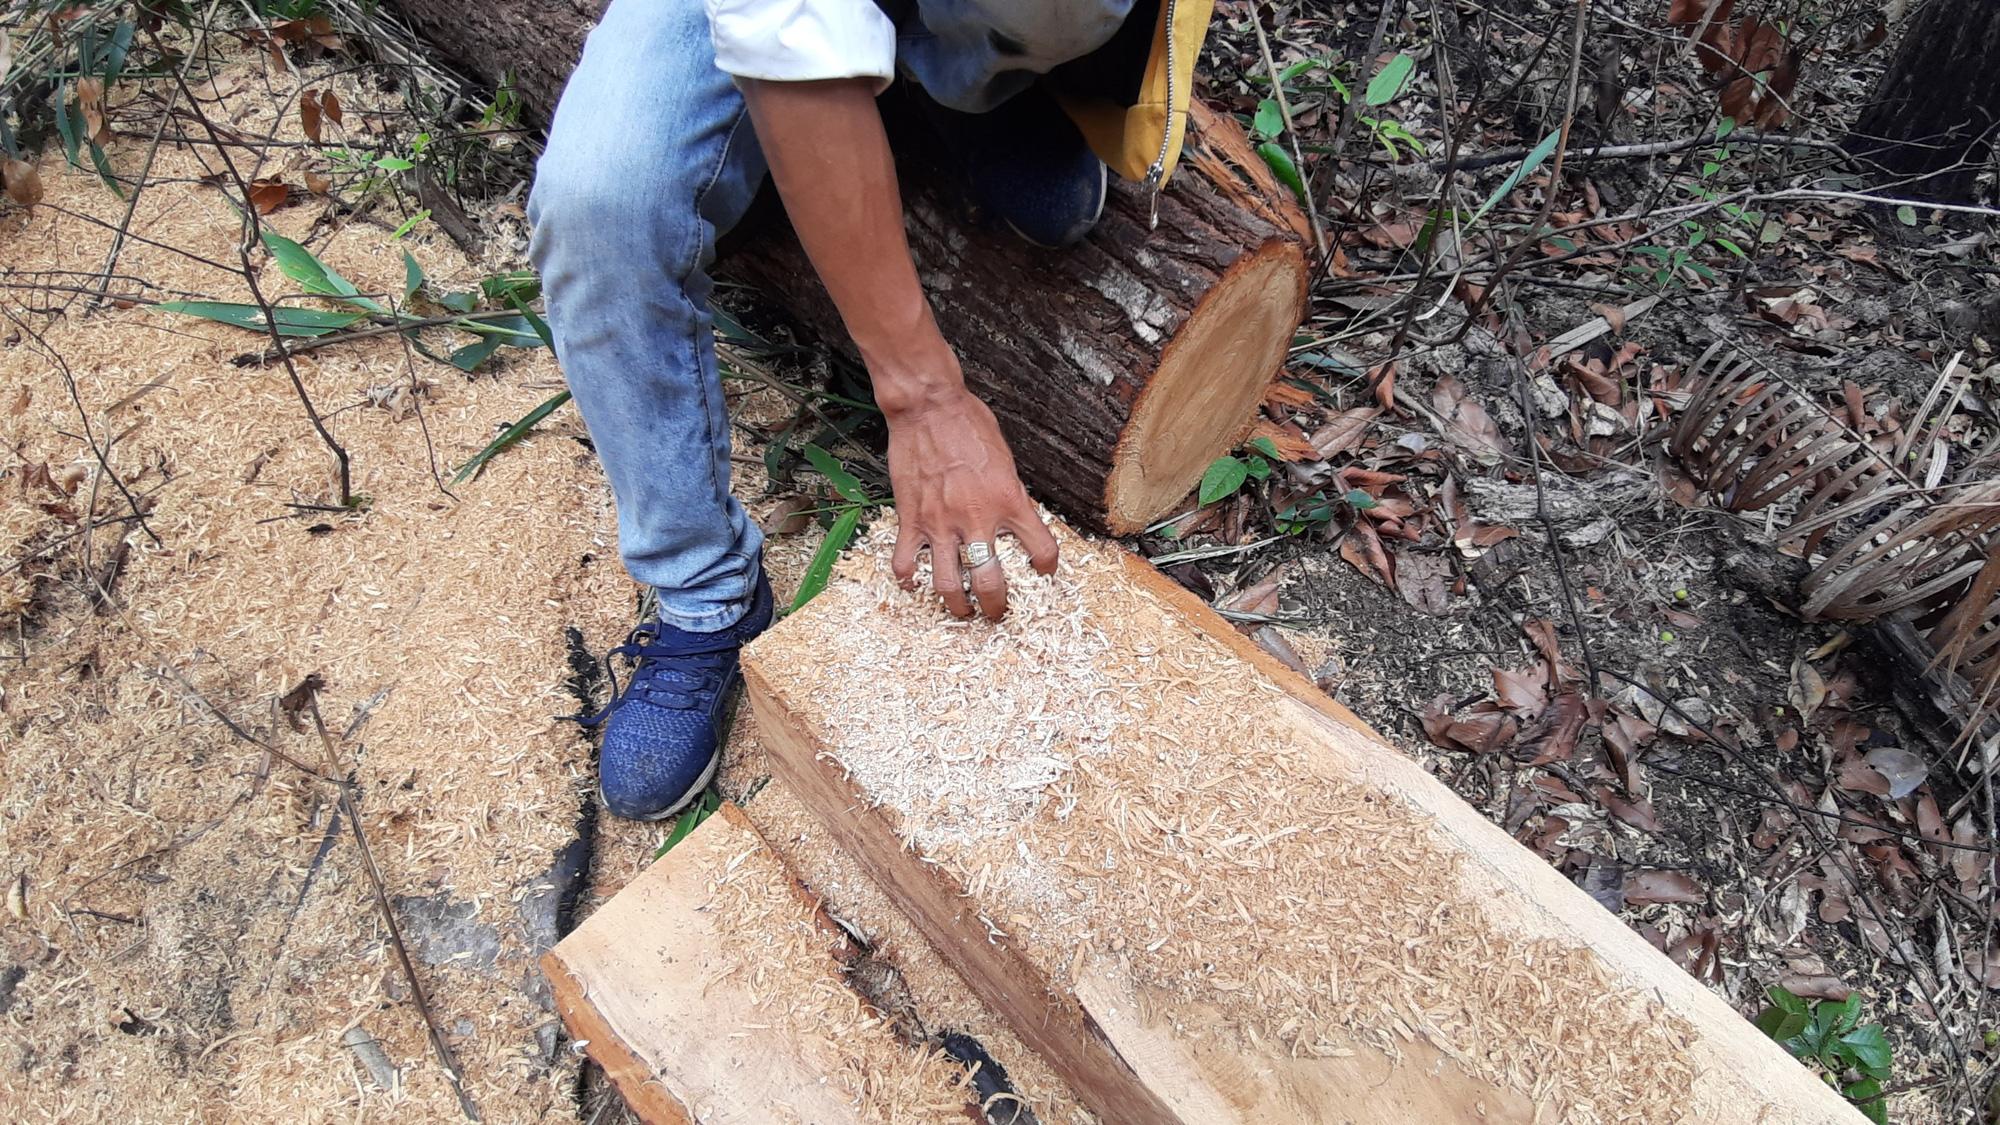 """Gia Lai: Nhiều cây gỗ lớn bị đốn hạ, gỗ nhỏ bị """"cạo trọc, đốt sạch"""" - Ảnh 5."""